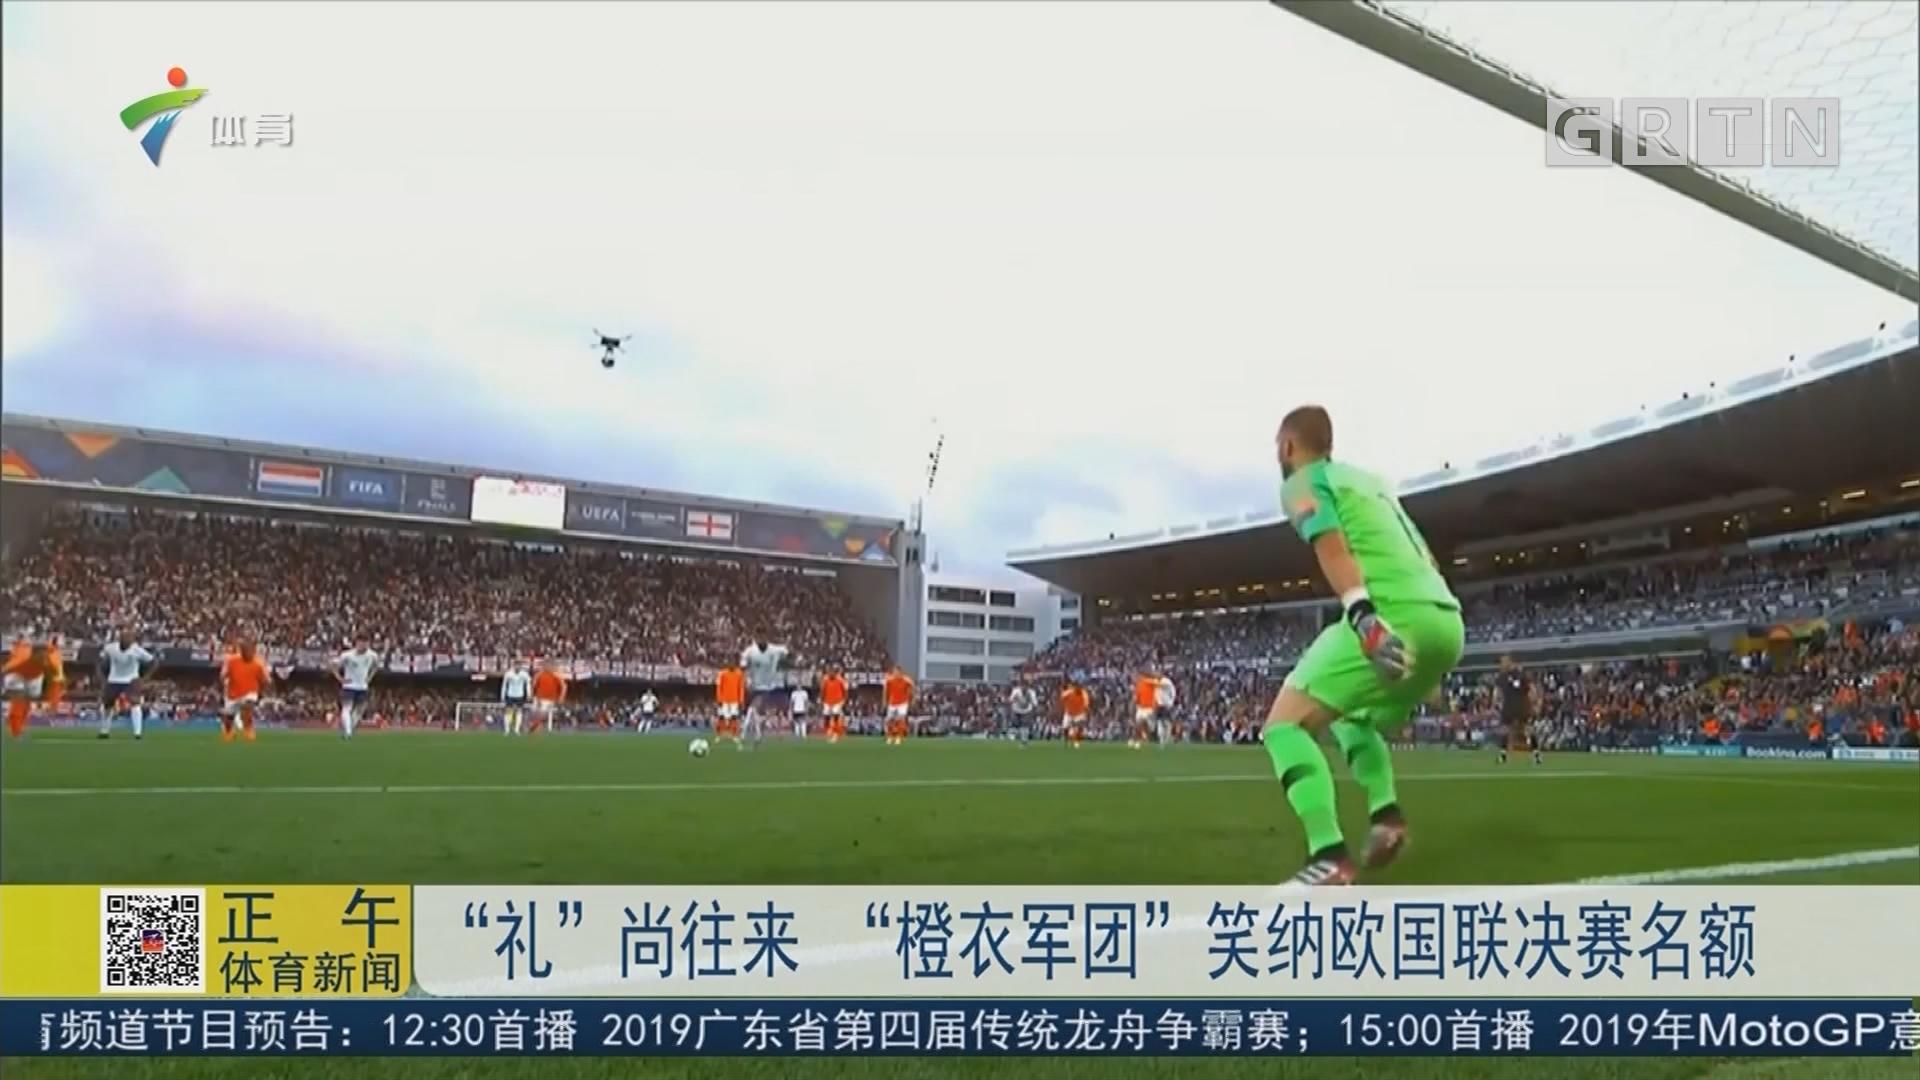 """""""礼""""尚往来 """"橙衣军团""""笑纳欧国联决赛名额"""